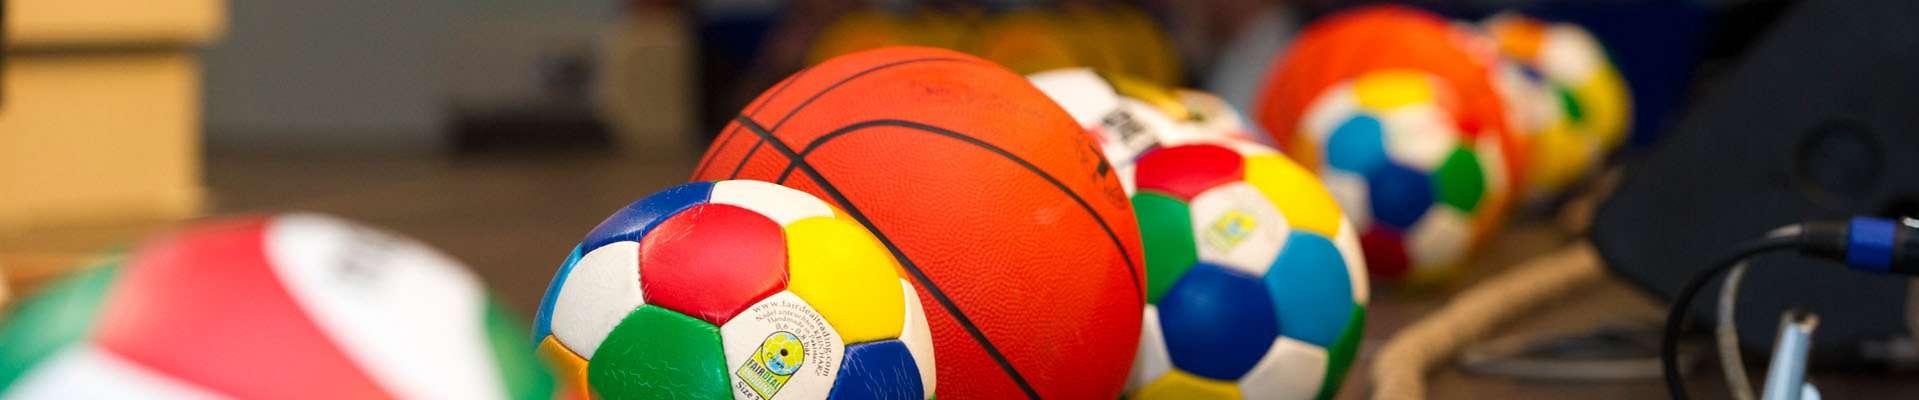 Teaserbild 1000x1000: verschiedene Bälle in Sporthalle